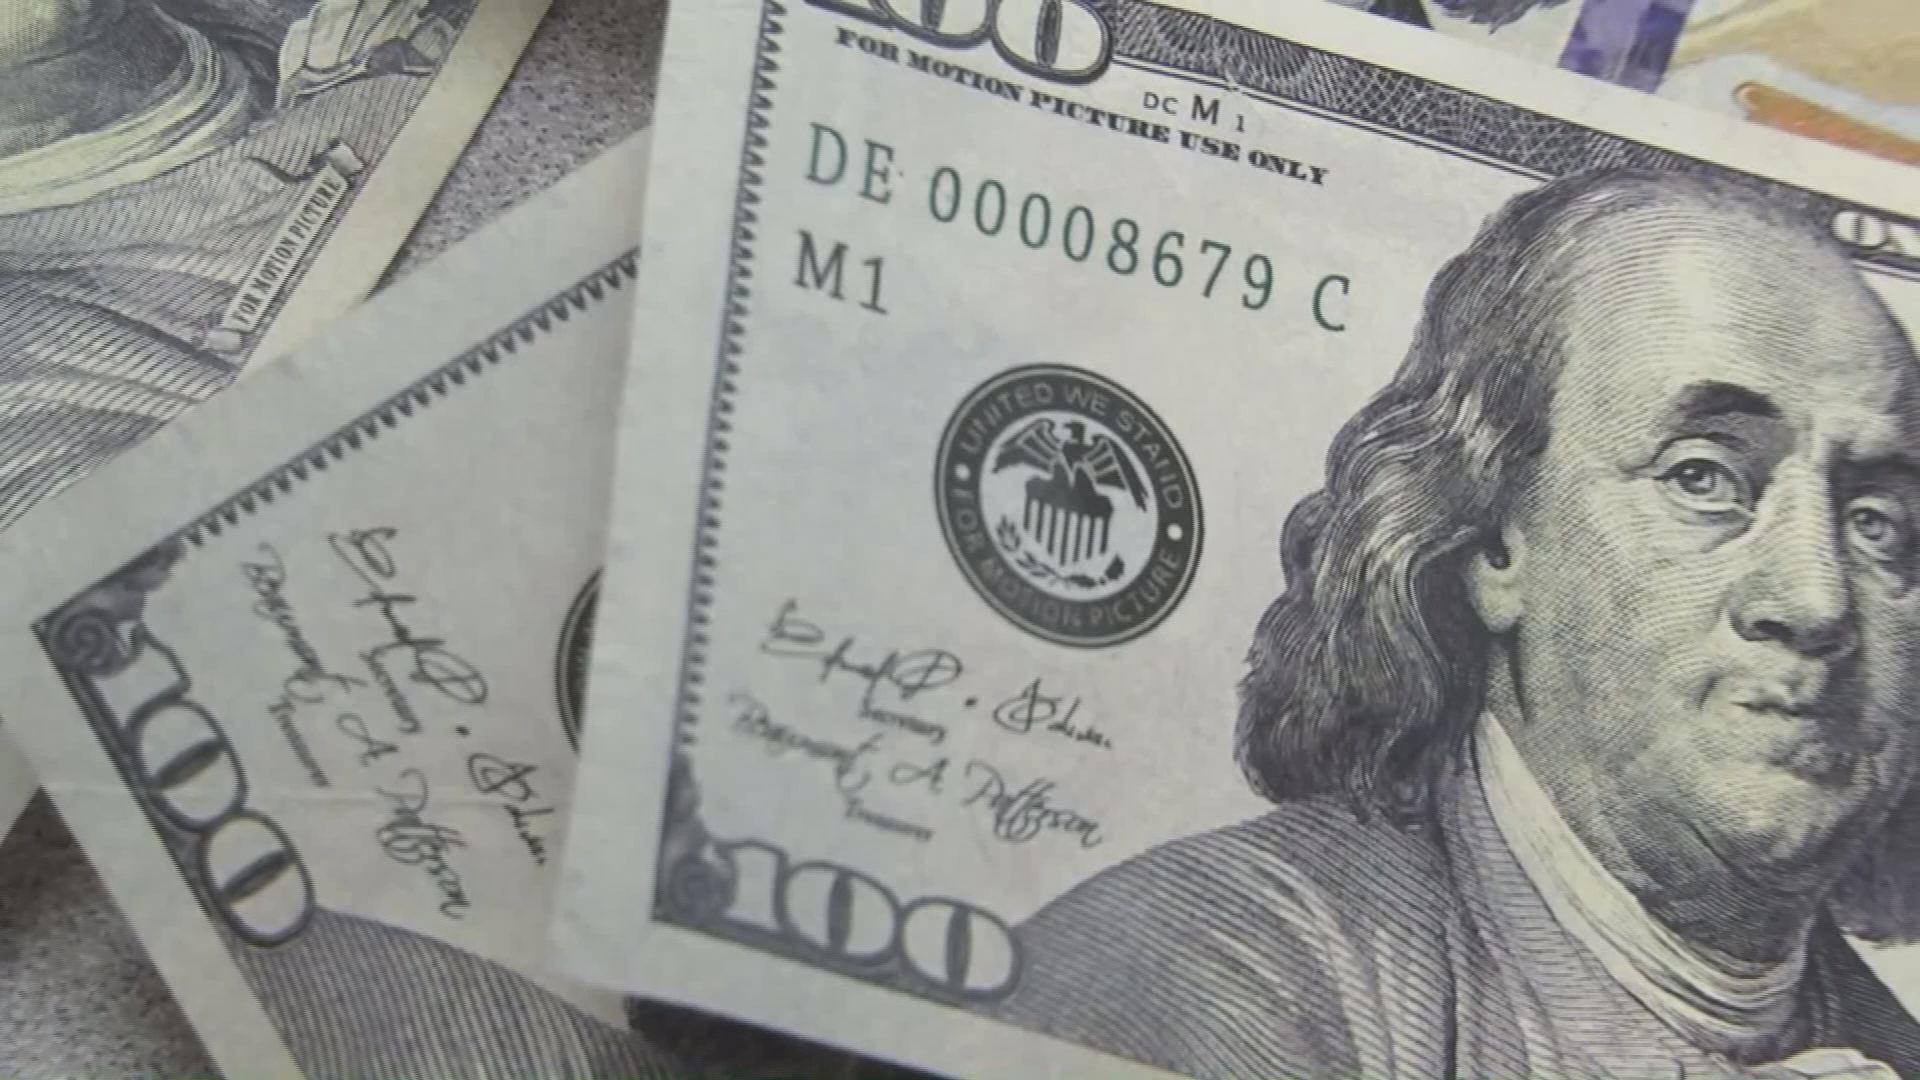 fake money counterfeit_413228